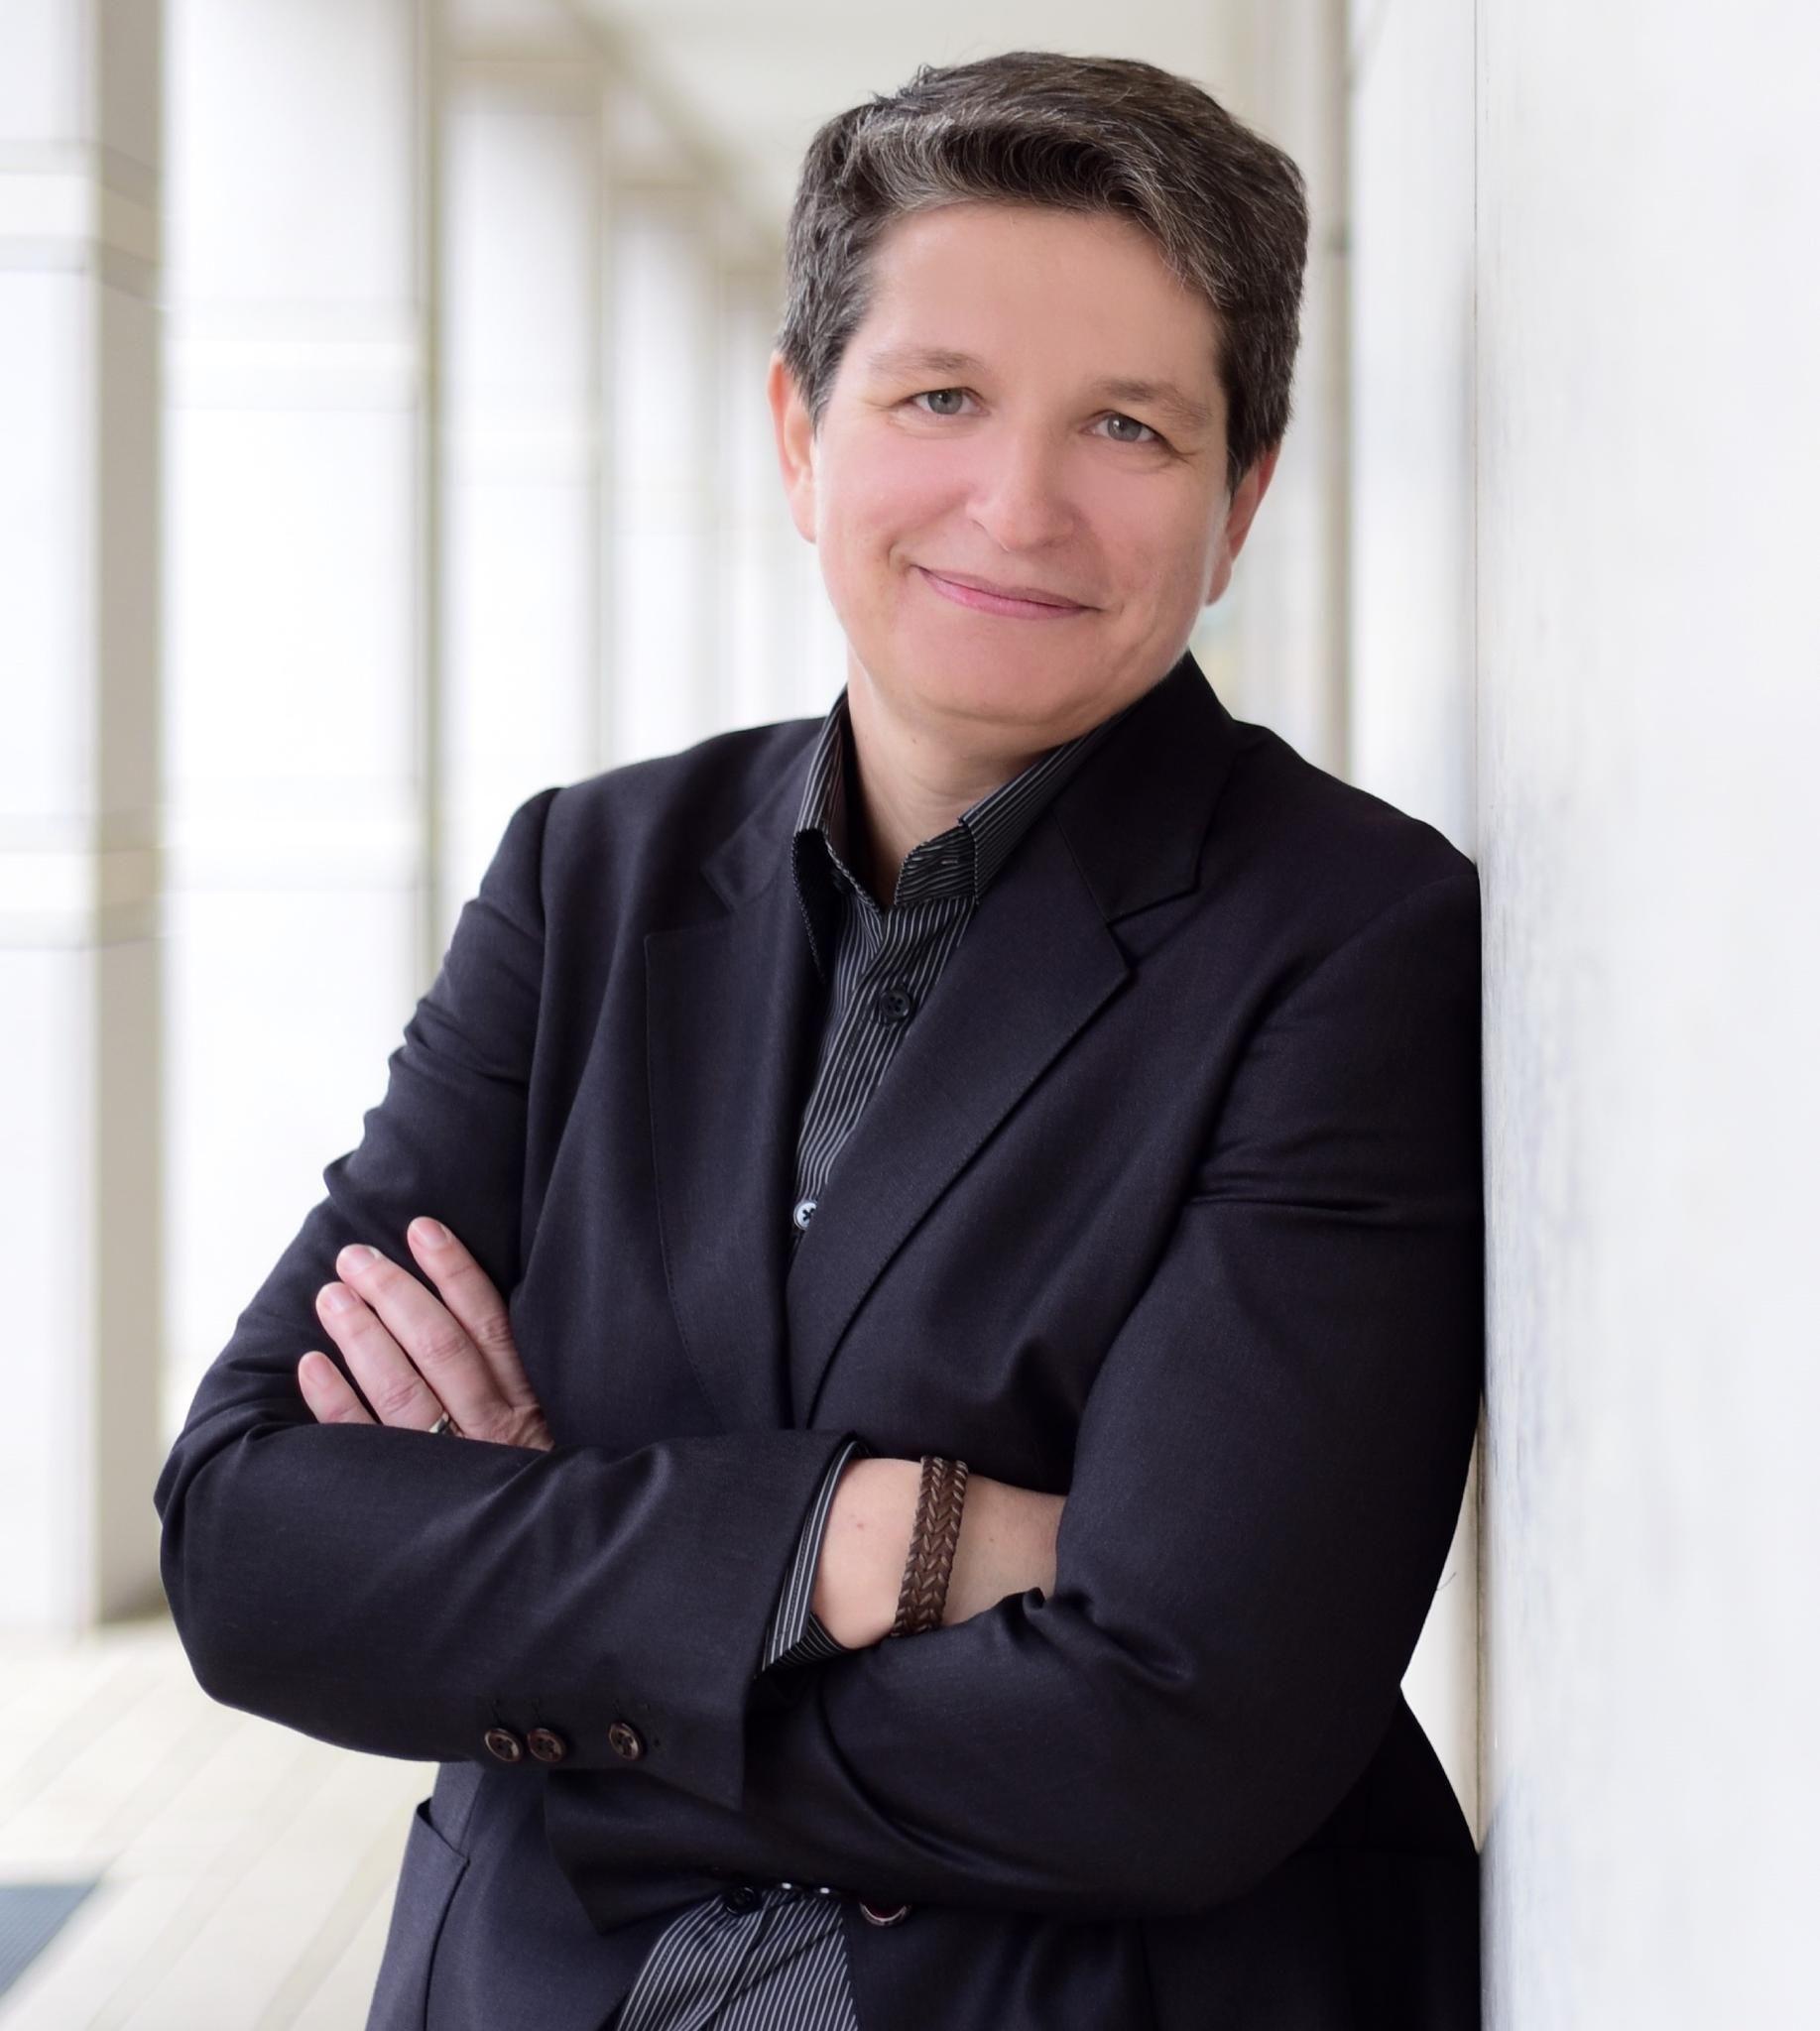 Claudia Plattner